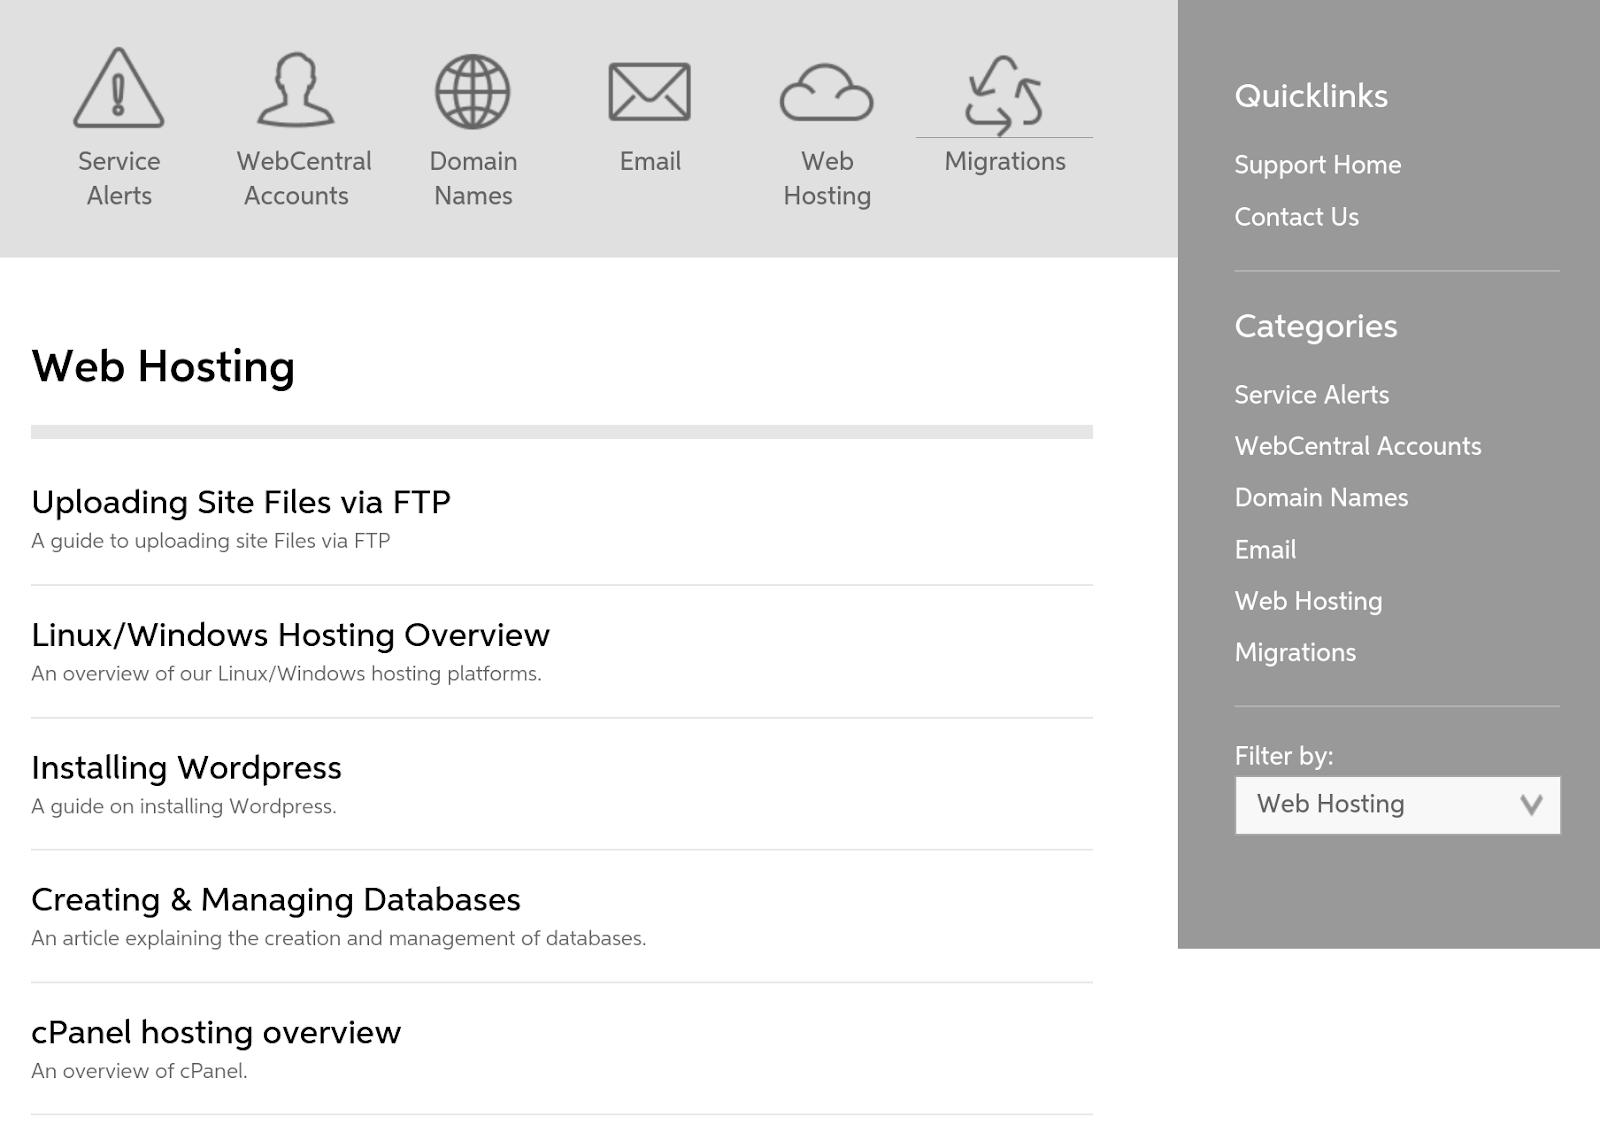 webcentral 1